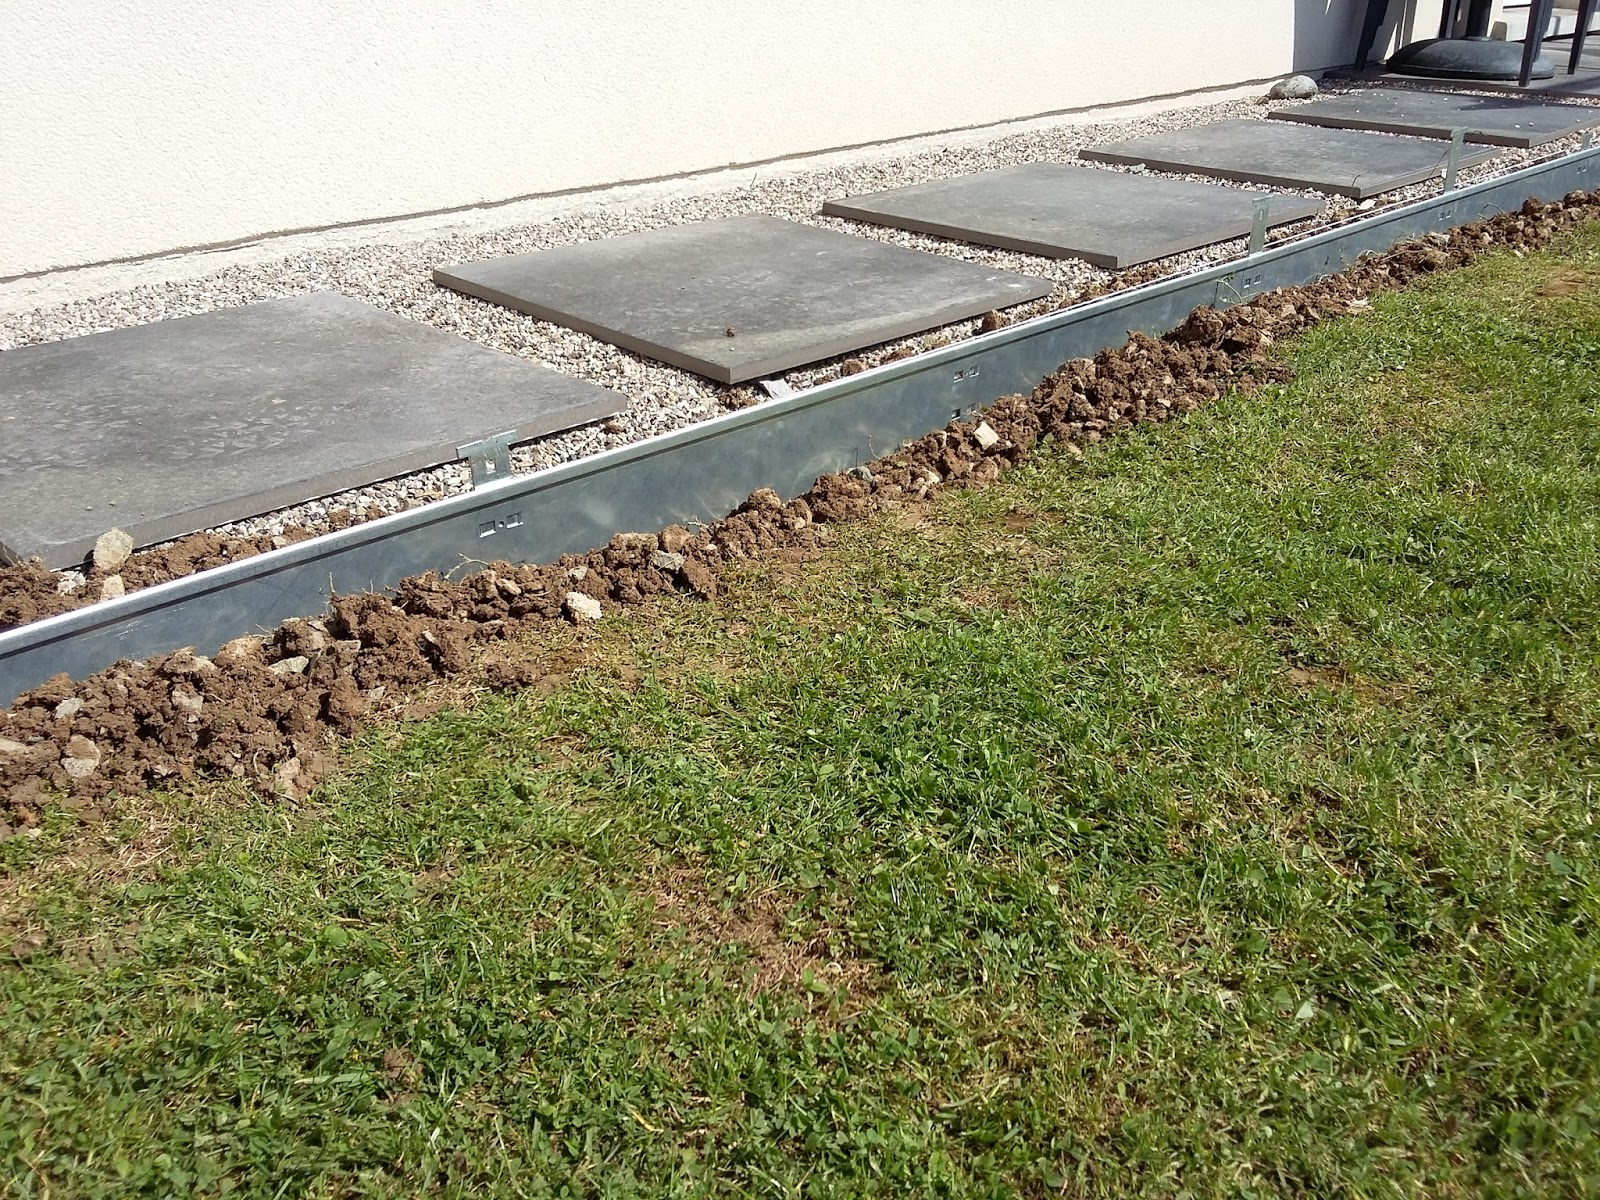 Bricolage de l 39 id e la r alisation comment poser des bordures m taliques acier galvanis - Bordure de jardin metal ...